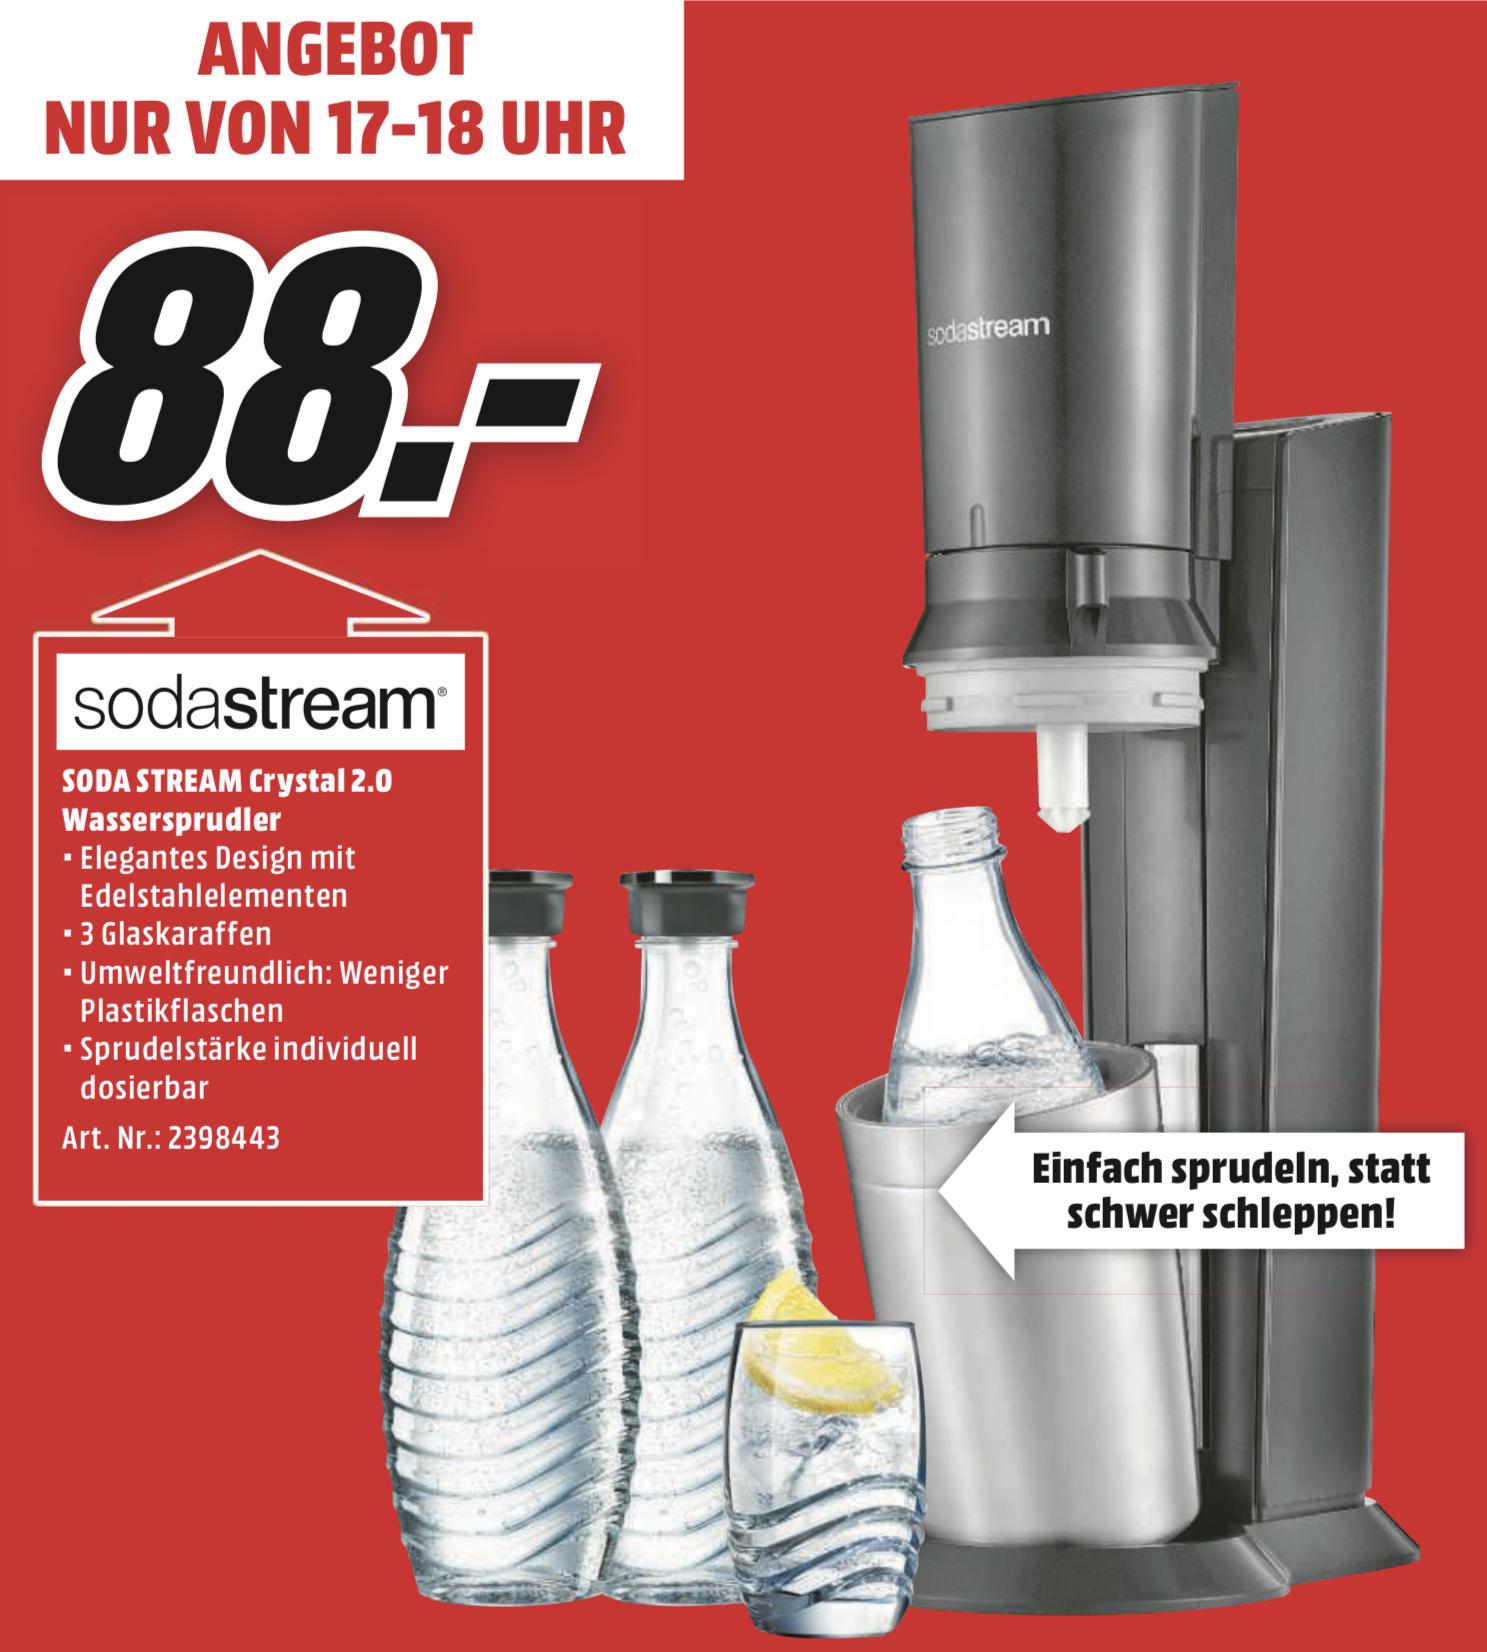 Lokal MM Recklinghausen: SODASTREAM Crystal 2.0 Wassersprudler inkl. 3 Glaskaraffen für 88€ - nur Sonntag von 17-18 Uhr